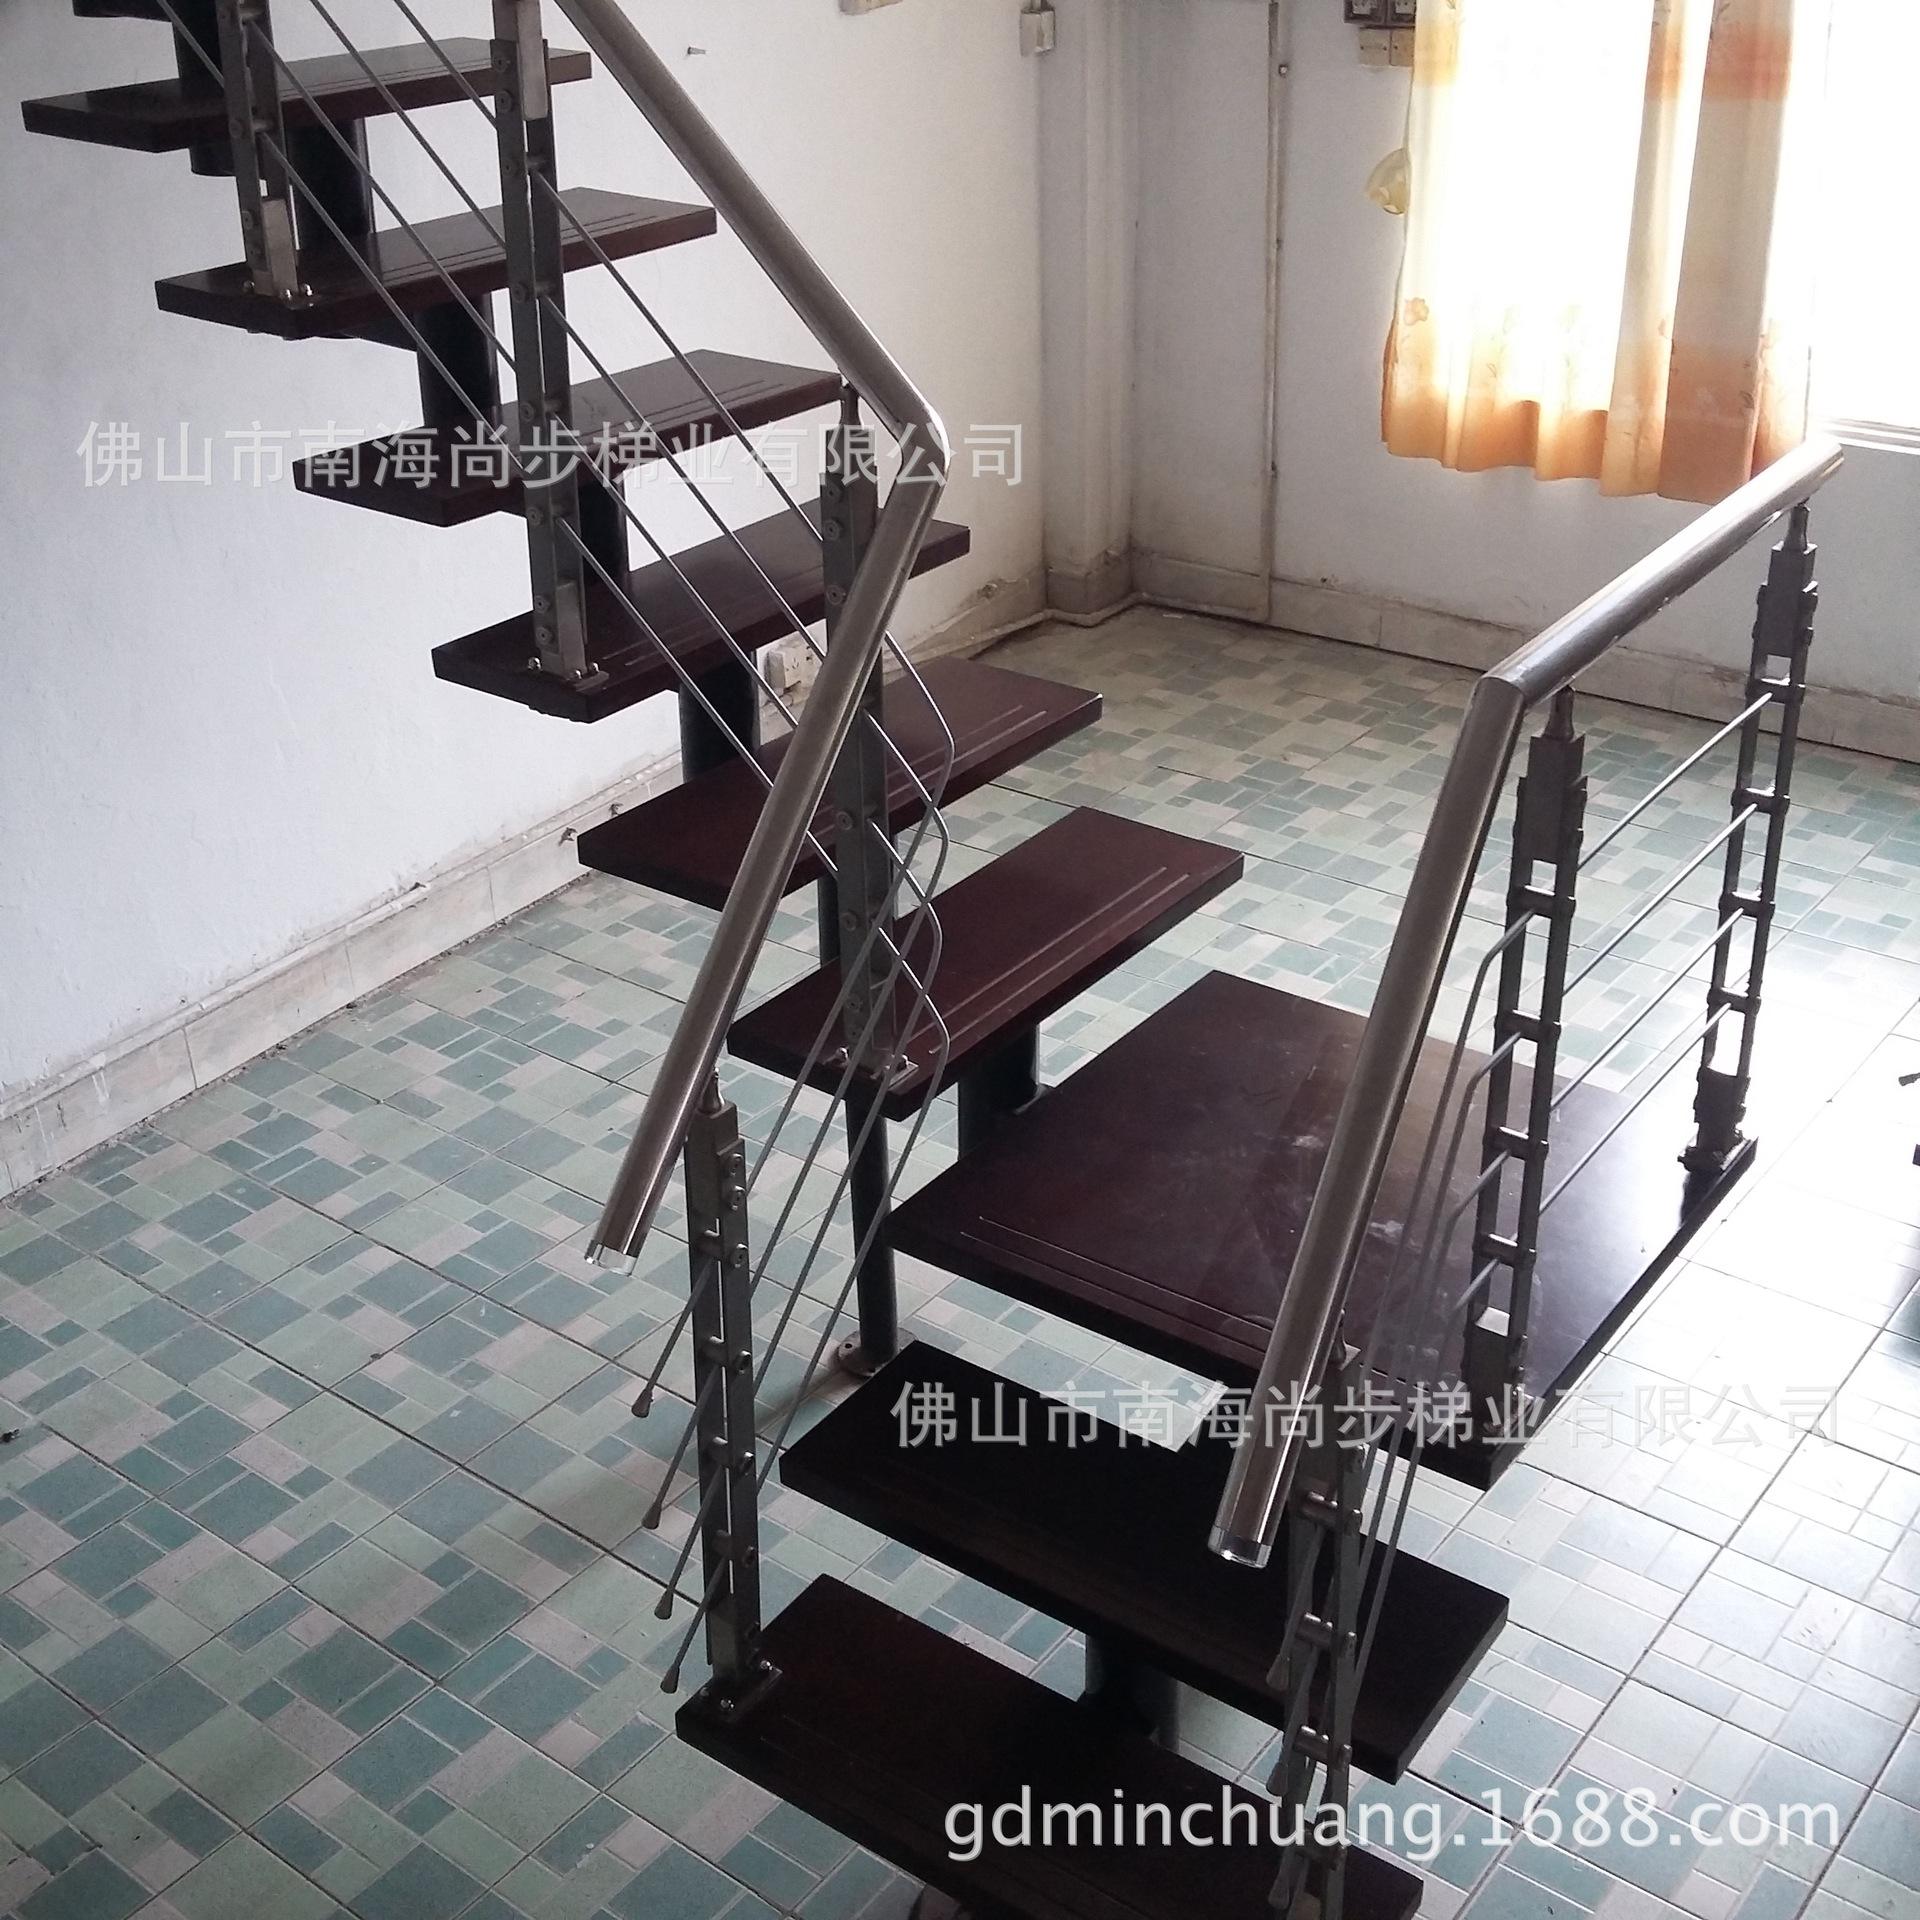 【厂家直销】供应L型不锈钢  室内外豪华成品楼梯